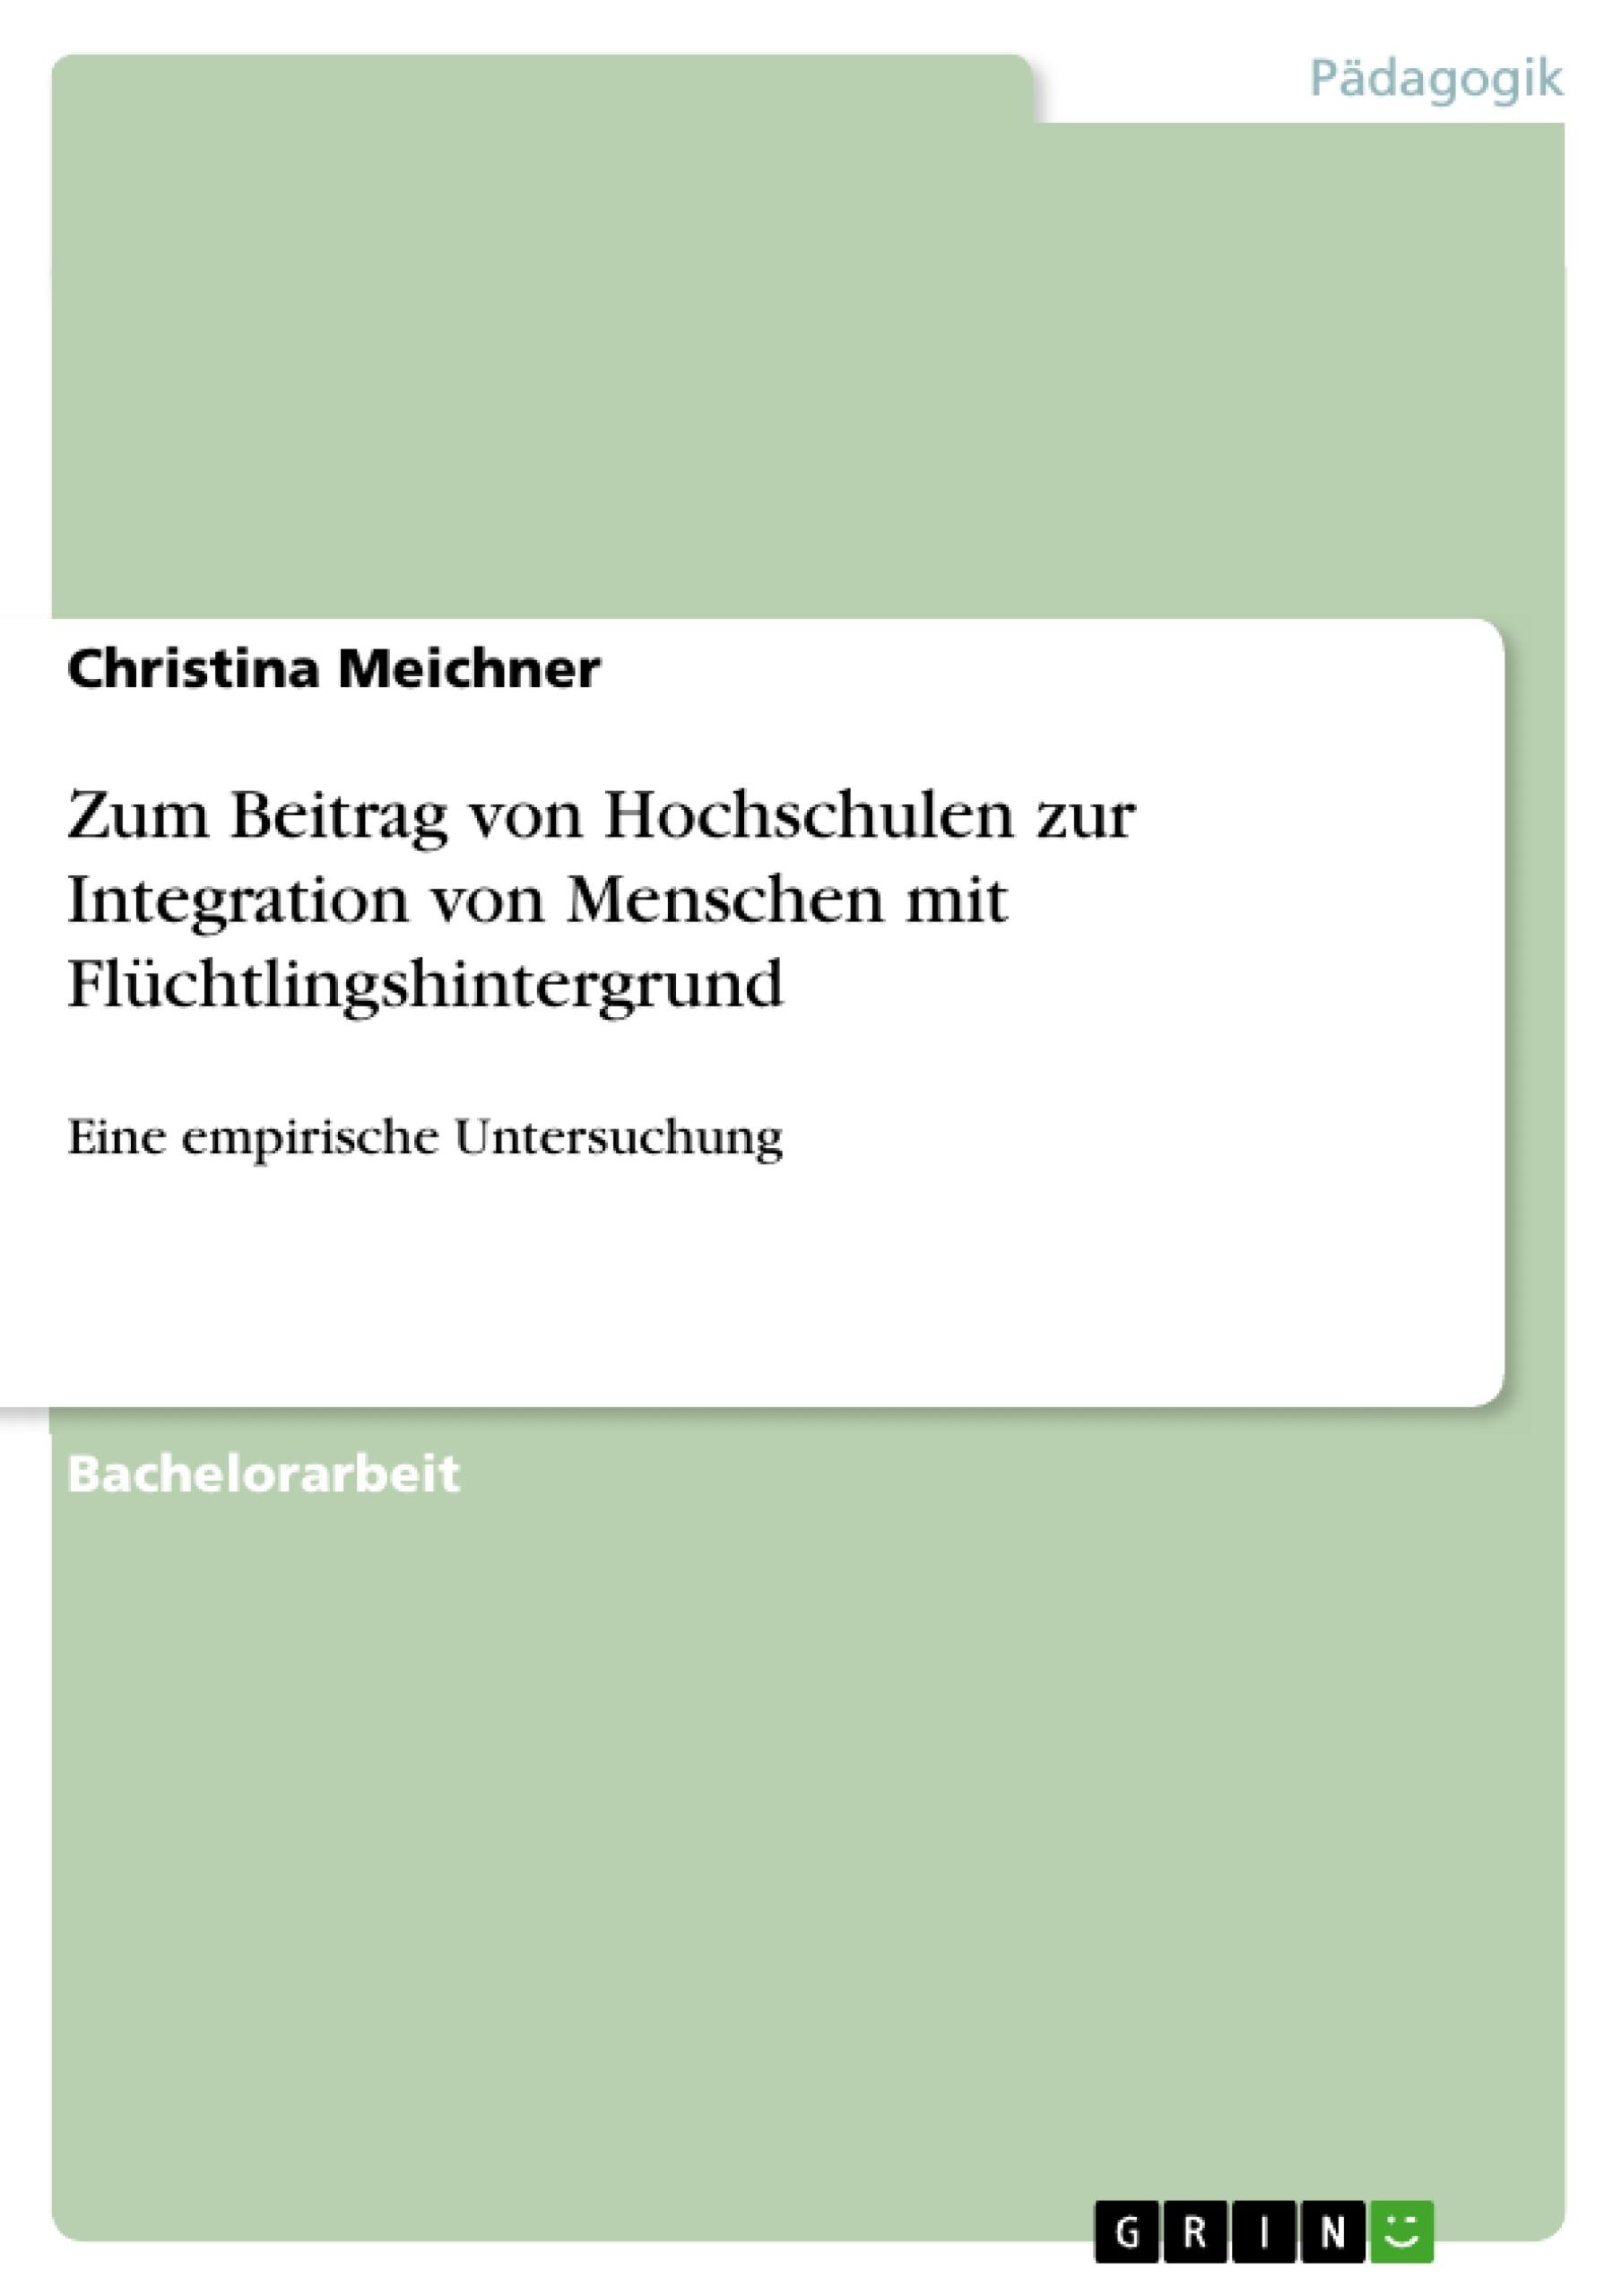 Titel: Zum Beitrag von Hochschulen zur Integration von Menschen mit Flüchtlingshintergrund